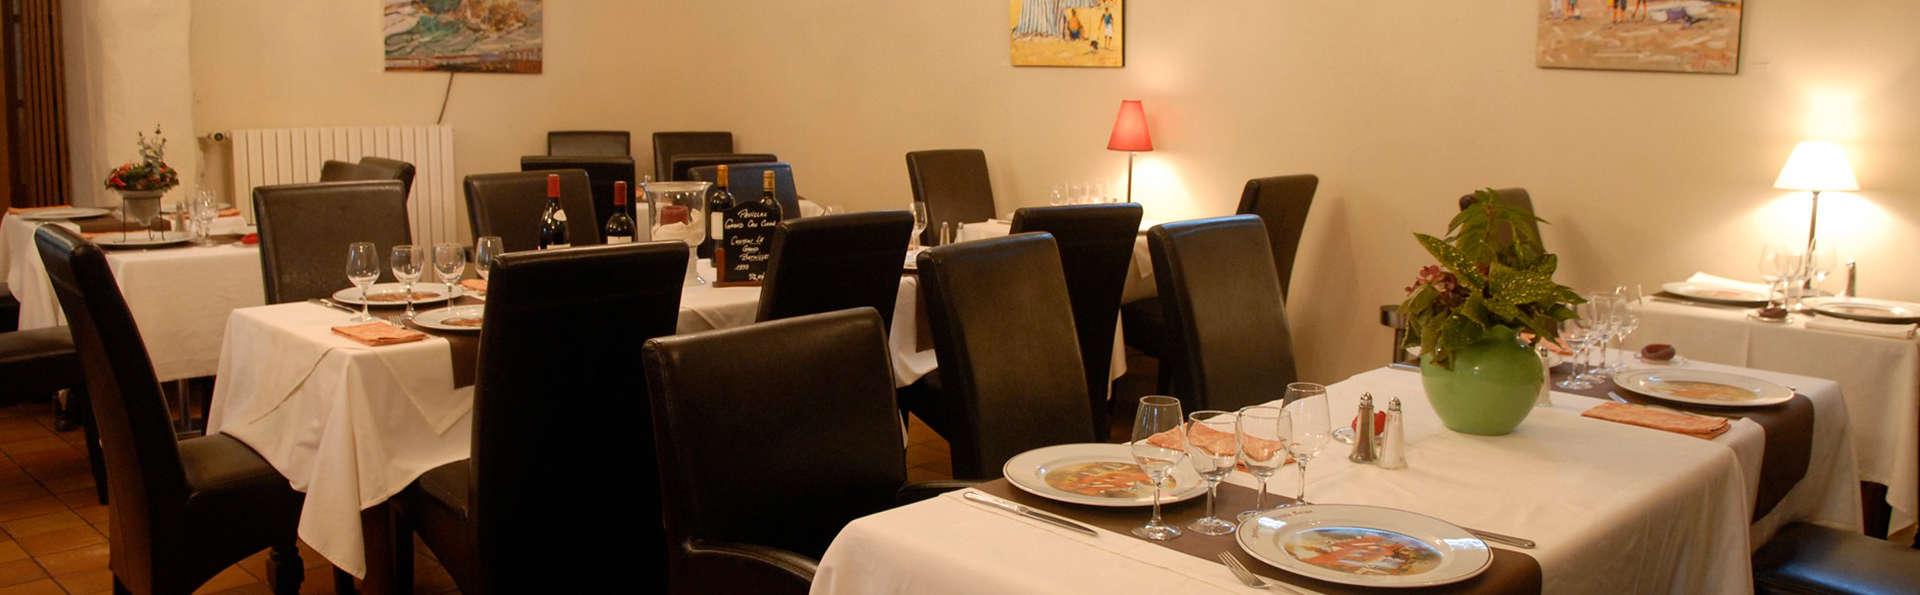 Gourmandise et bien-être en chambre supérieure à Criel-sur-mer